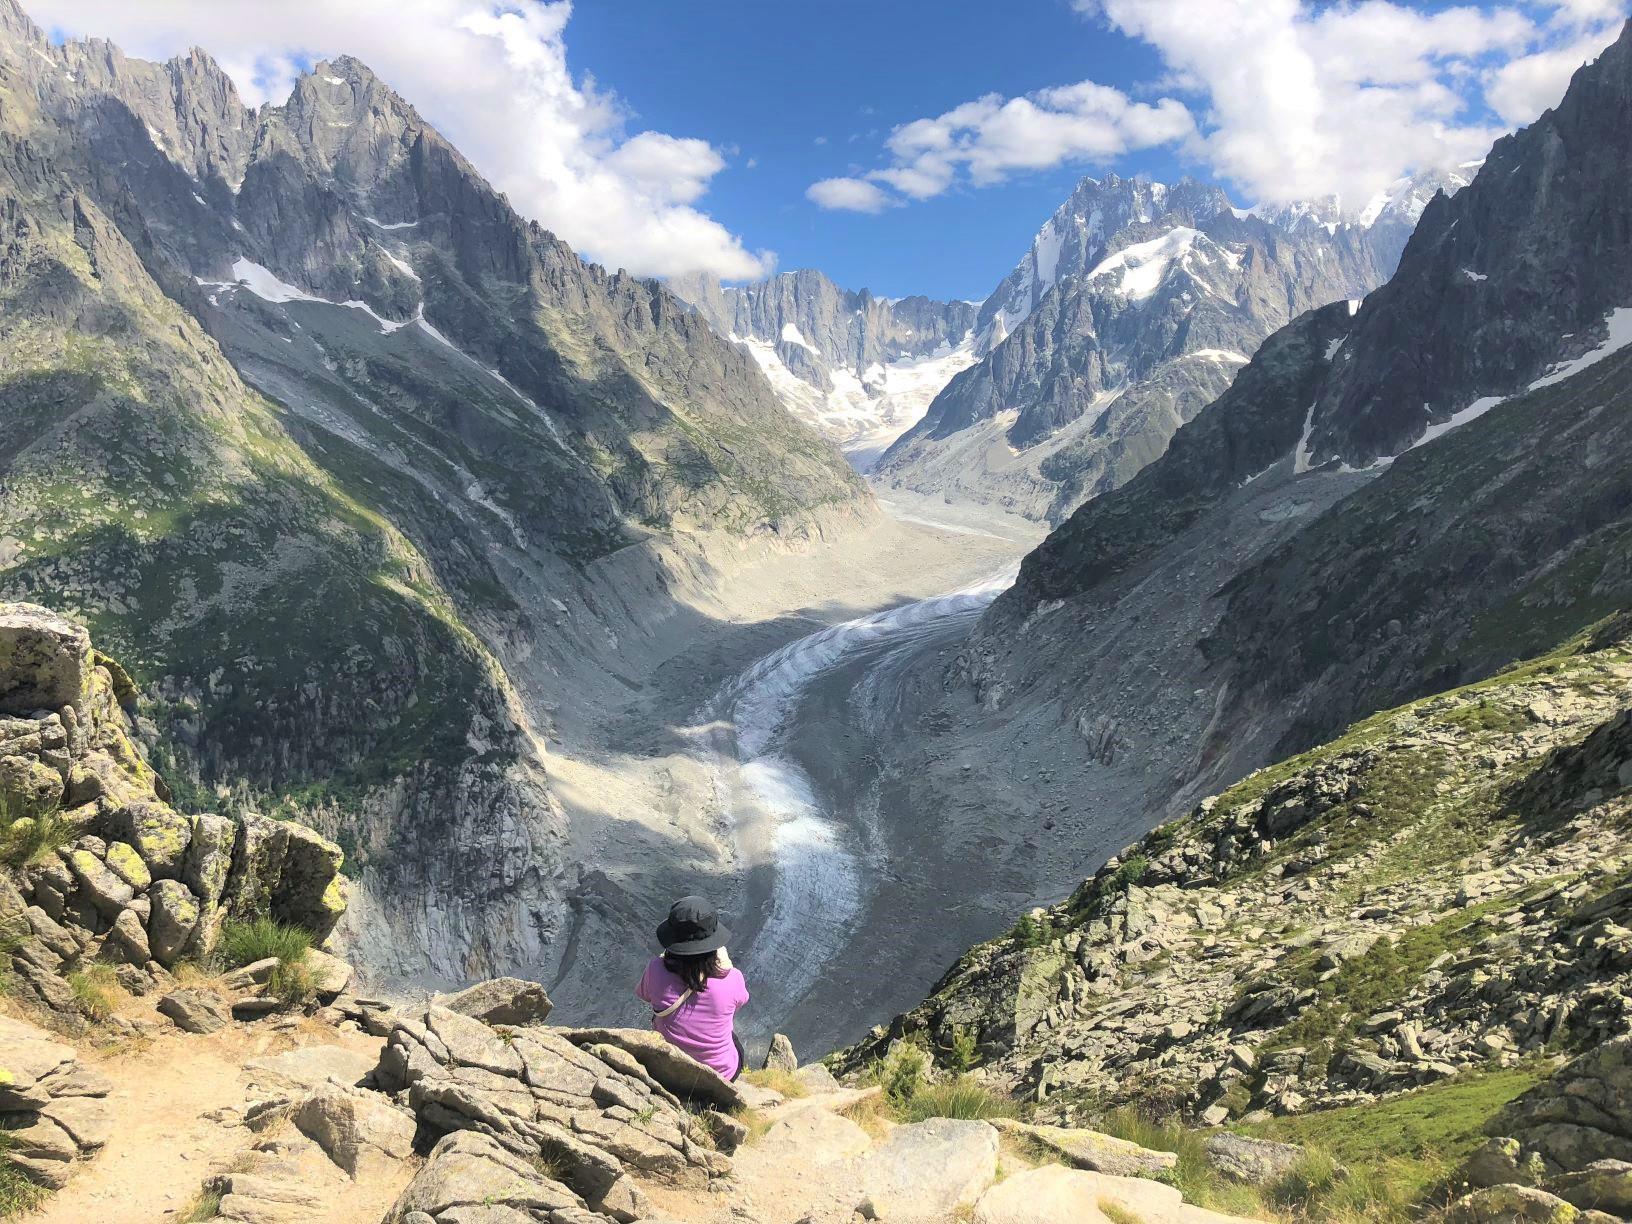 グランドジョラスとメール・ド・グラス氷河を展望する(3日目)